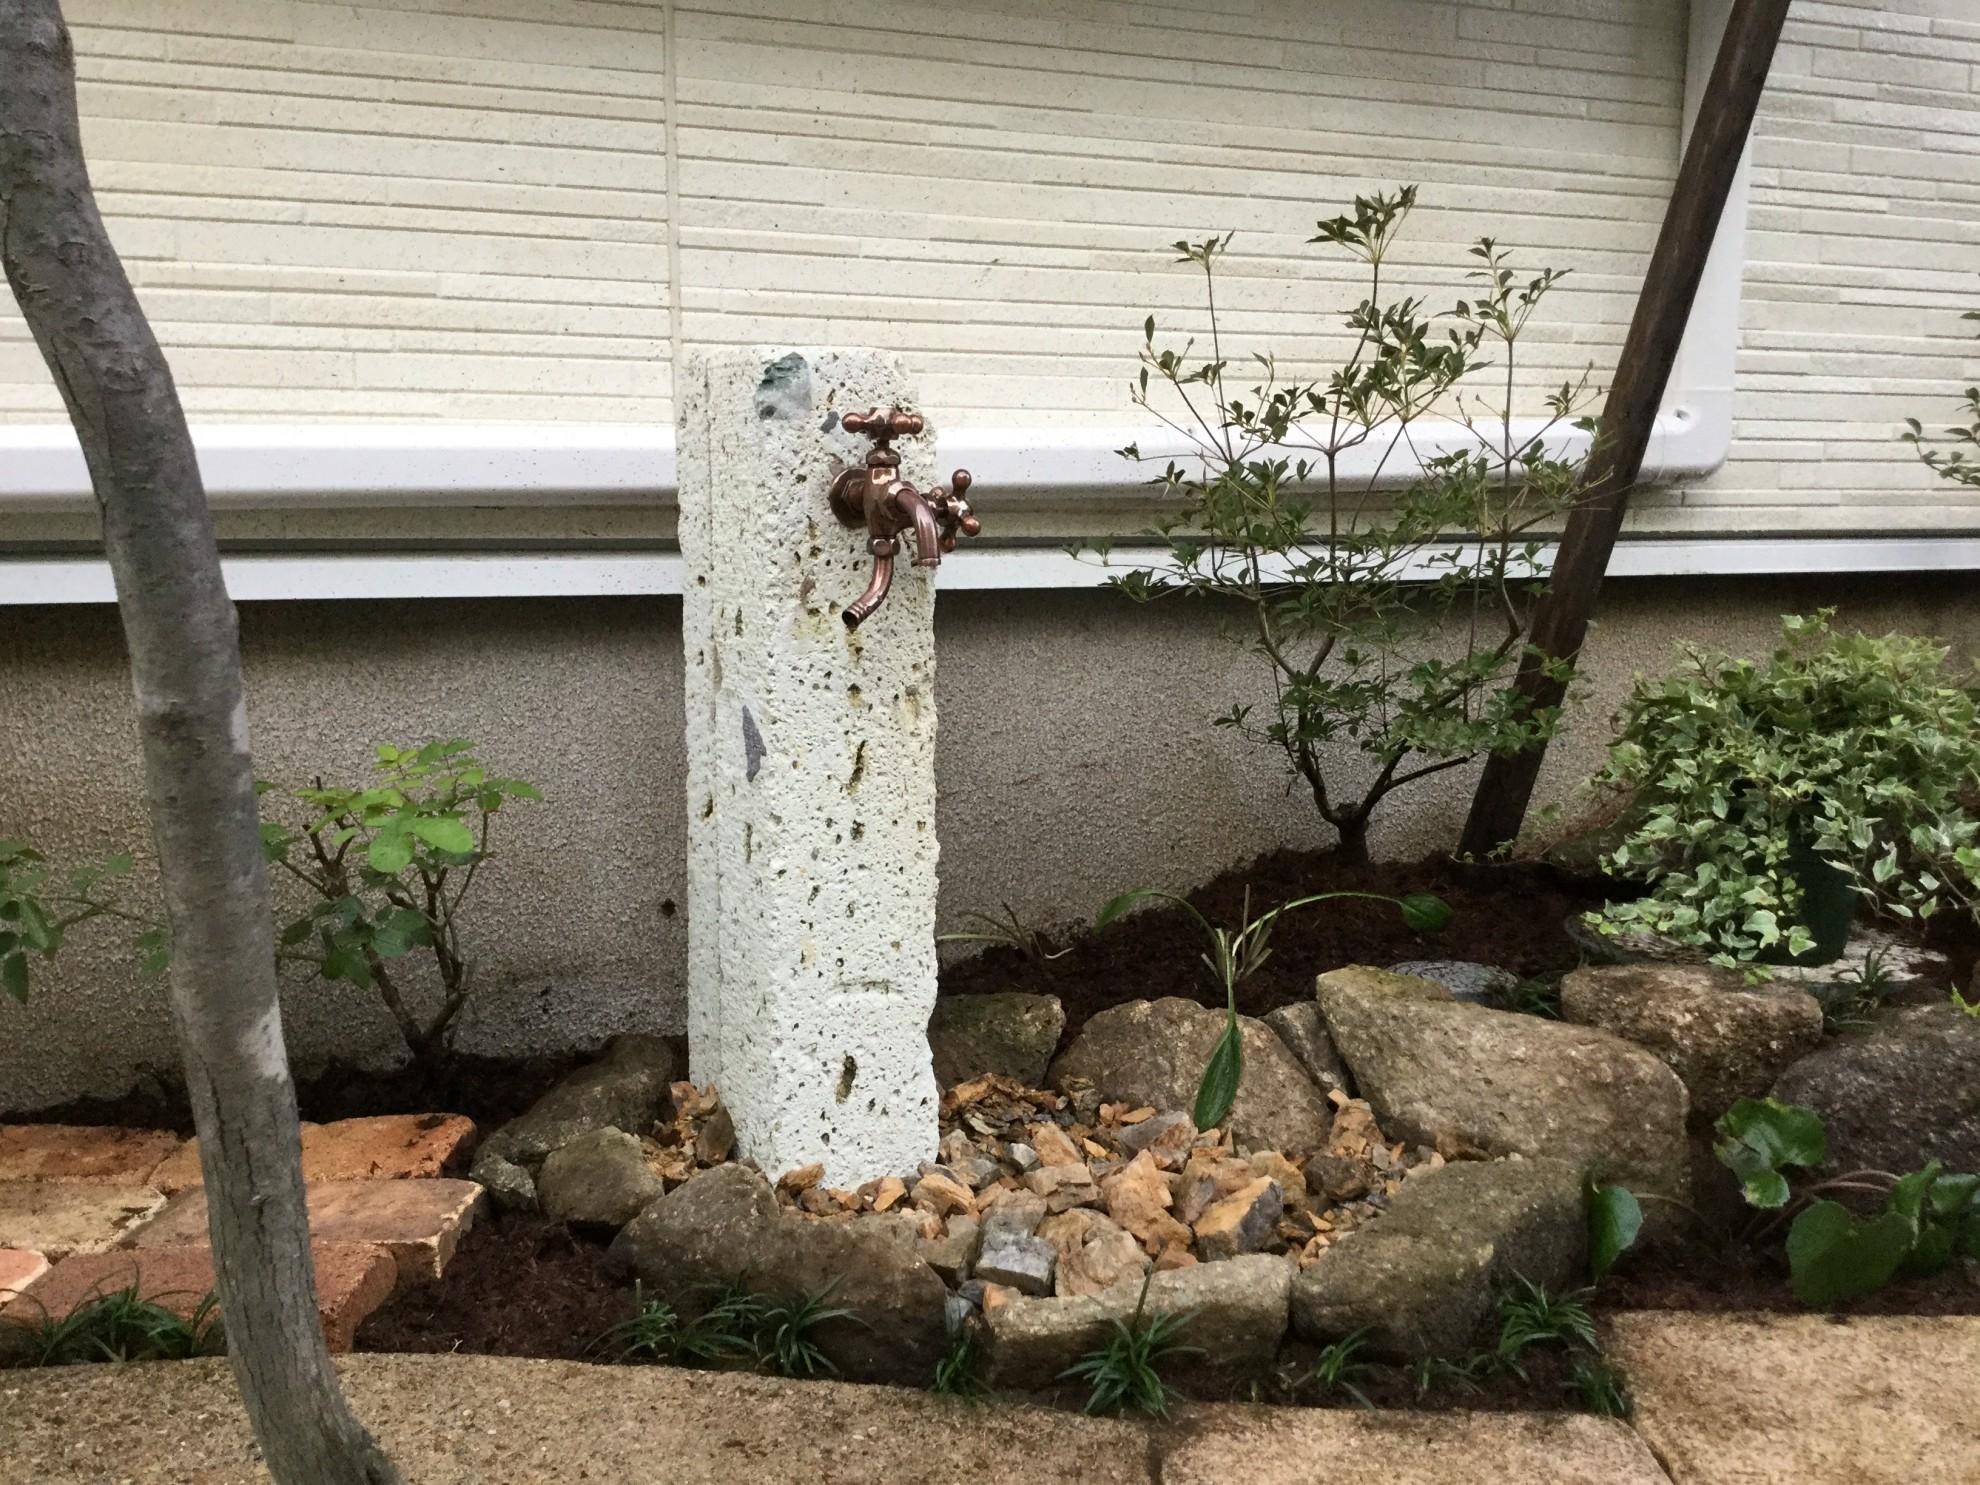 版築塀とアイアン屋根の門柱の庭 埼玉県(三芳町)-8